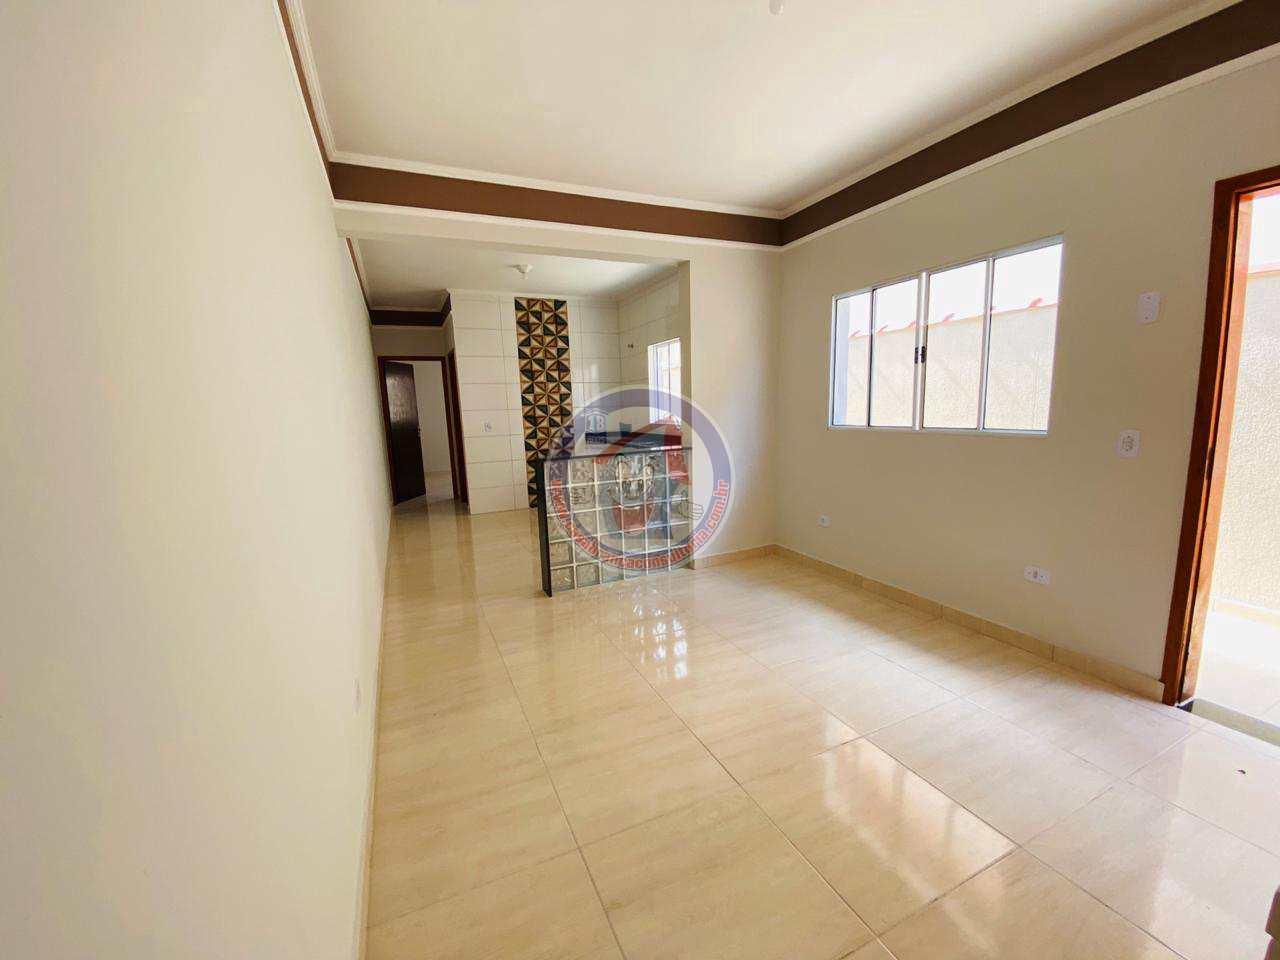 Casa com 2 dorms, Pedreira, Mongaguá - R$ 339 mil, Cod: 1520-Jussara